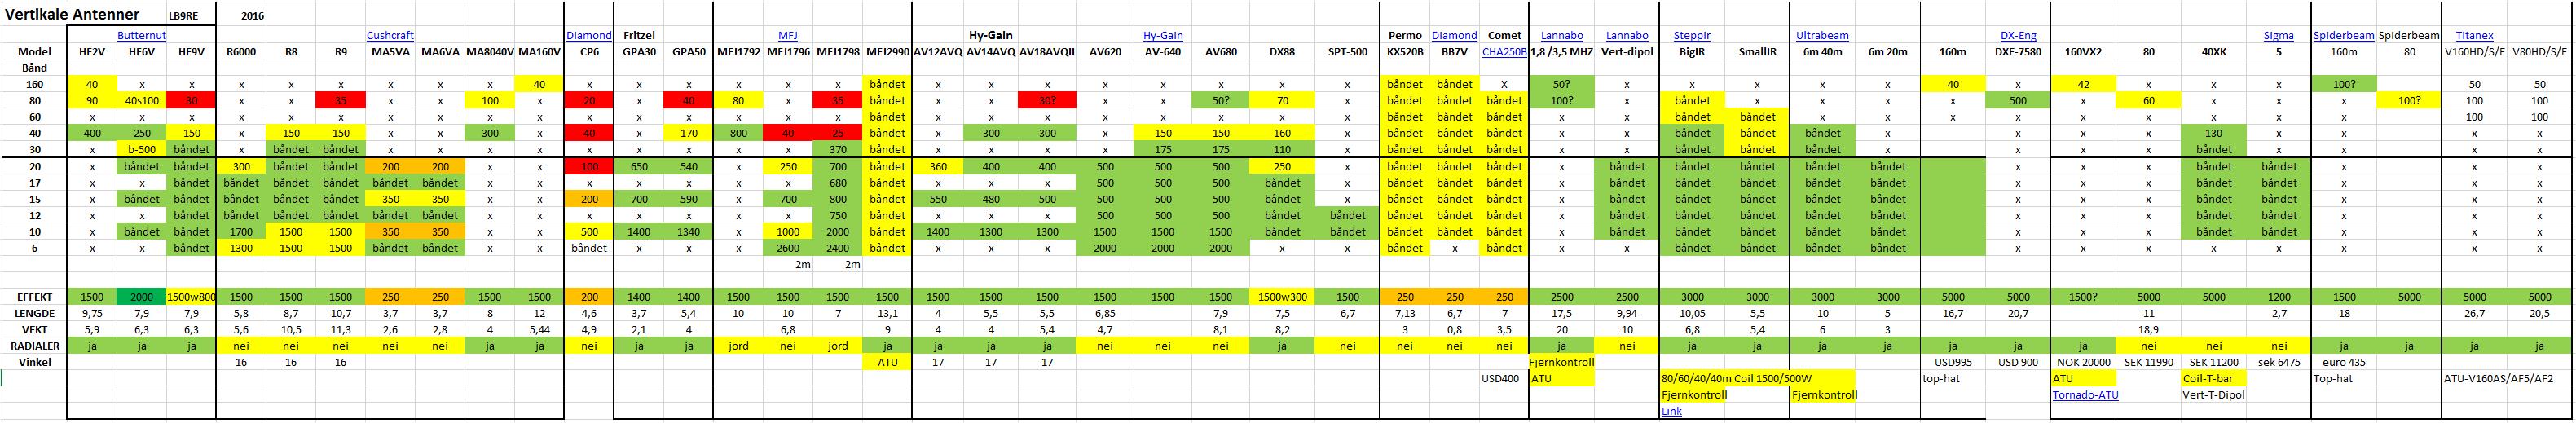 Vertikale_antenner_tabell